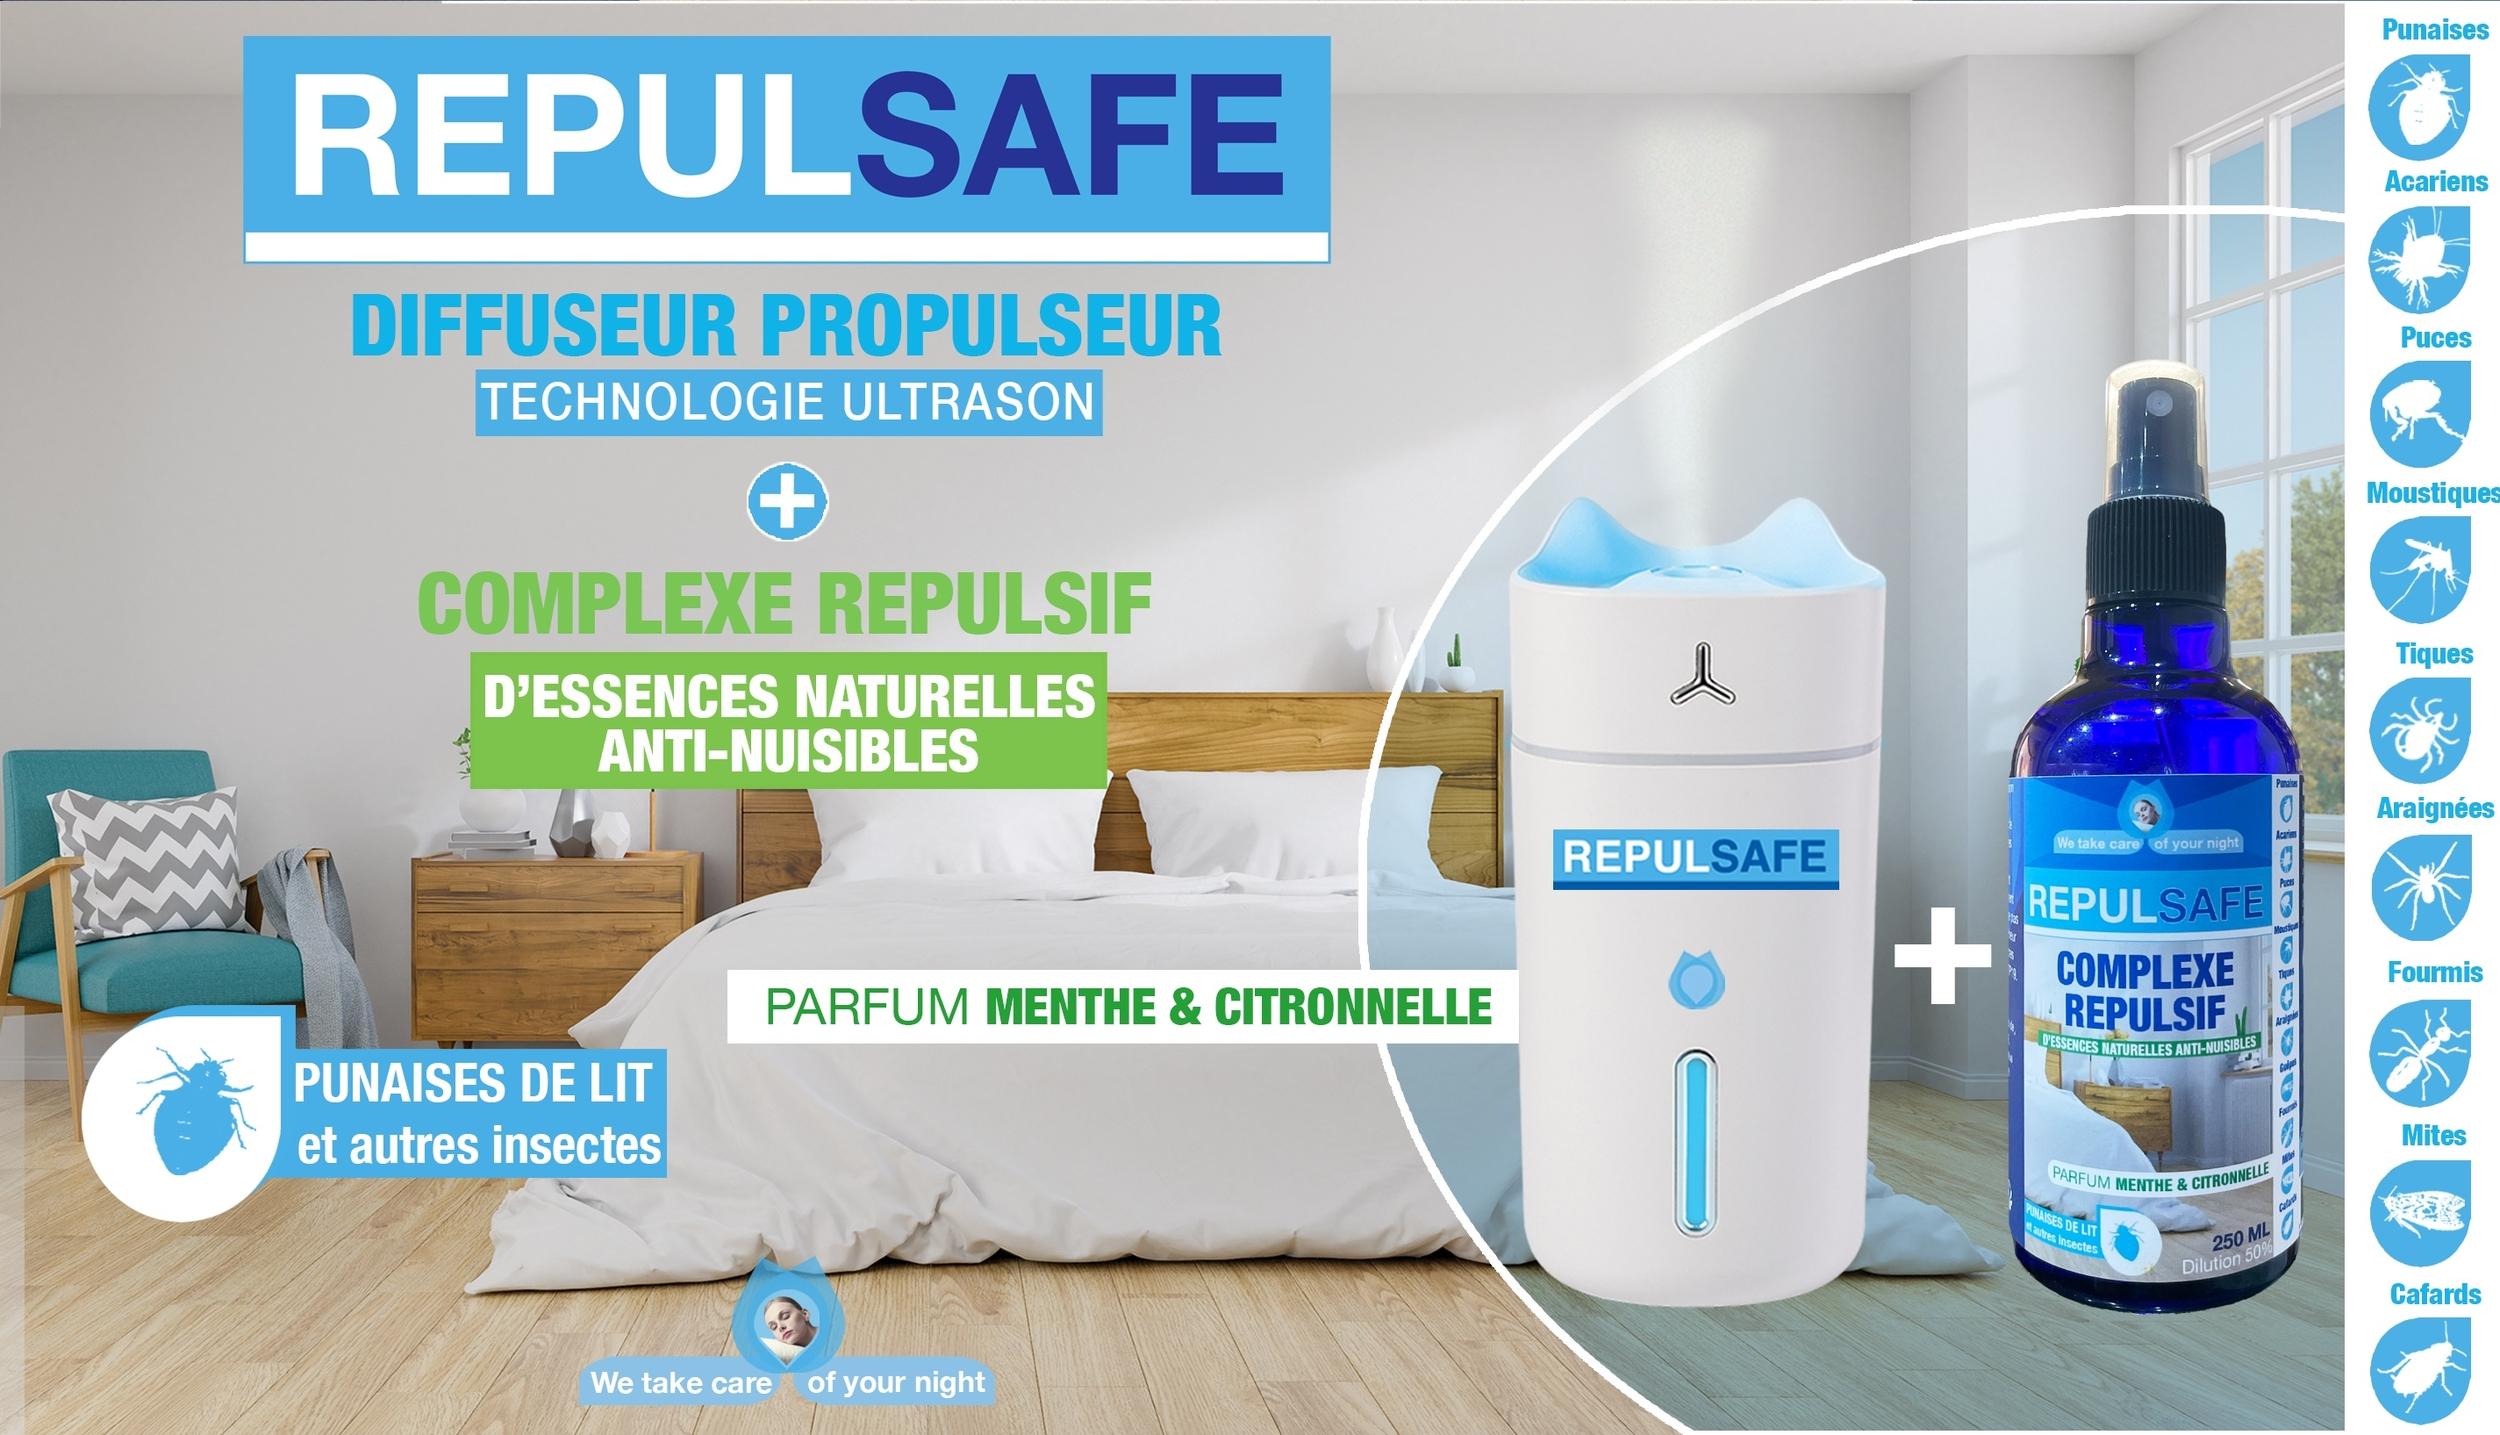 REPULSAFE Diffuseur du complexe répulsif d\'essences naturelles anti nuisibles